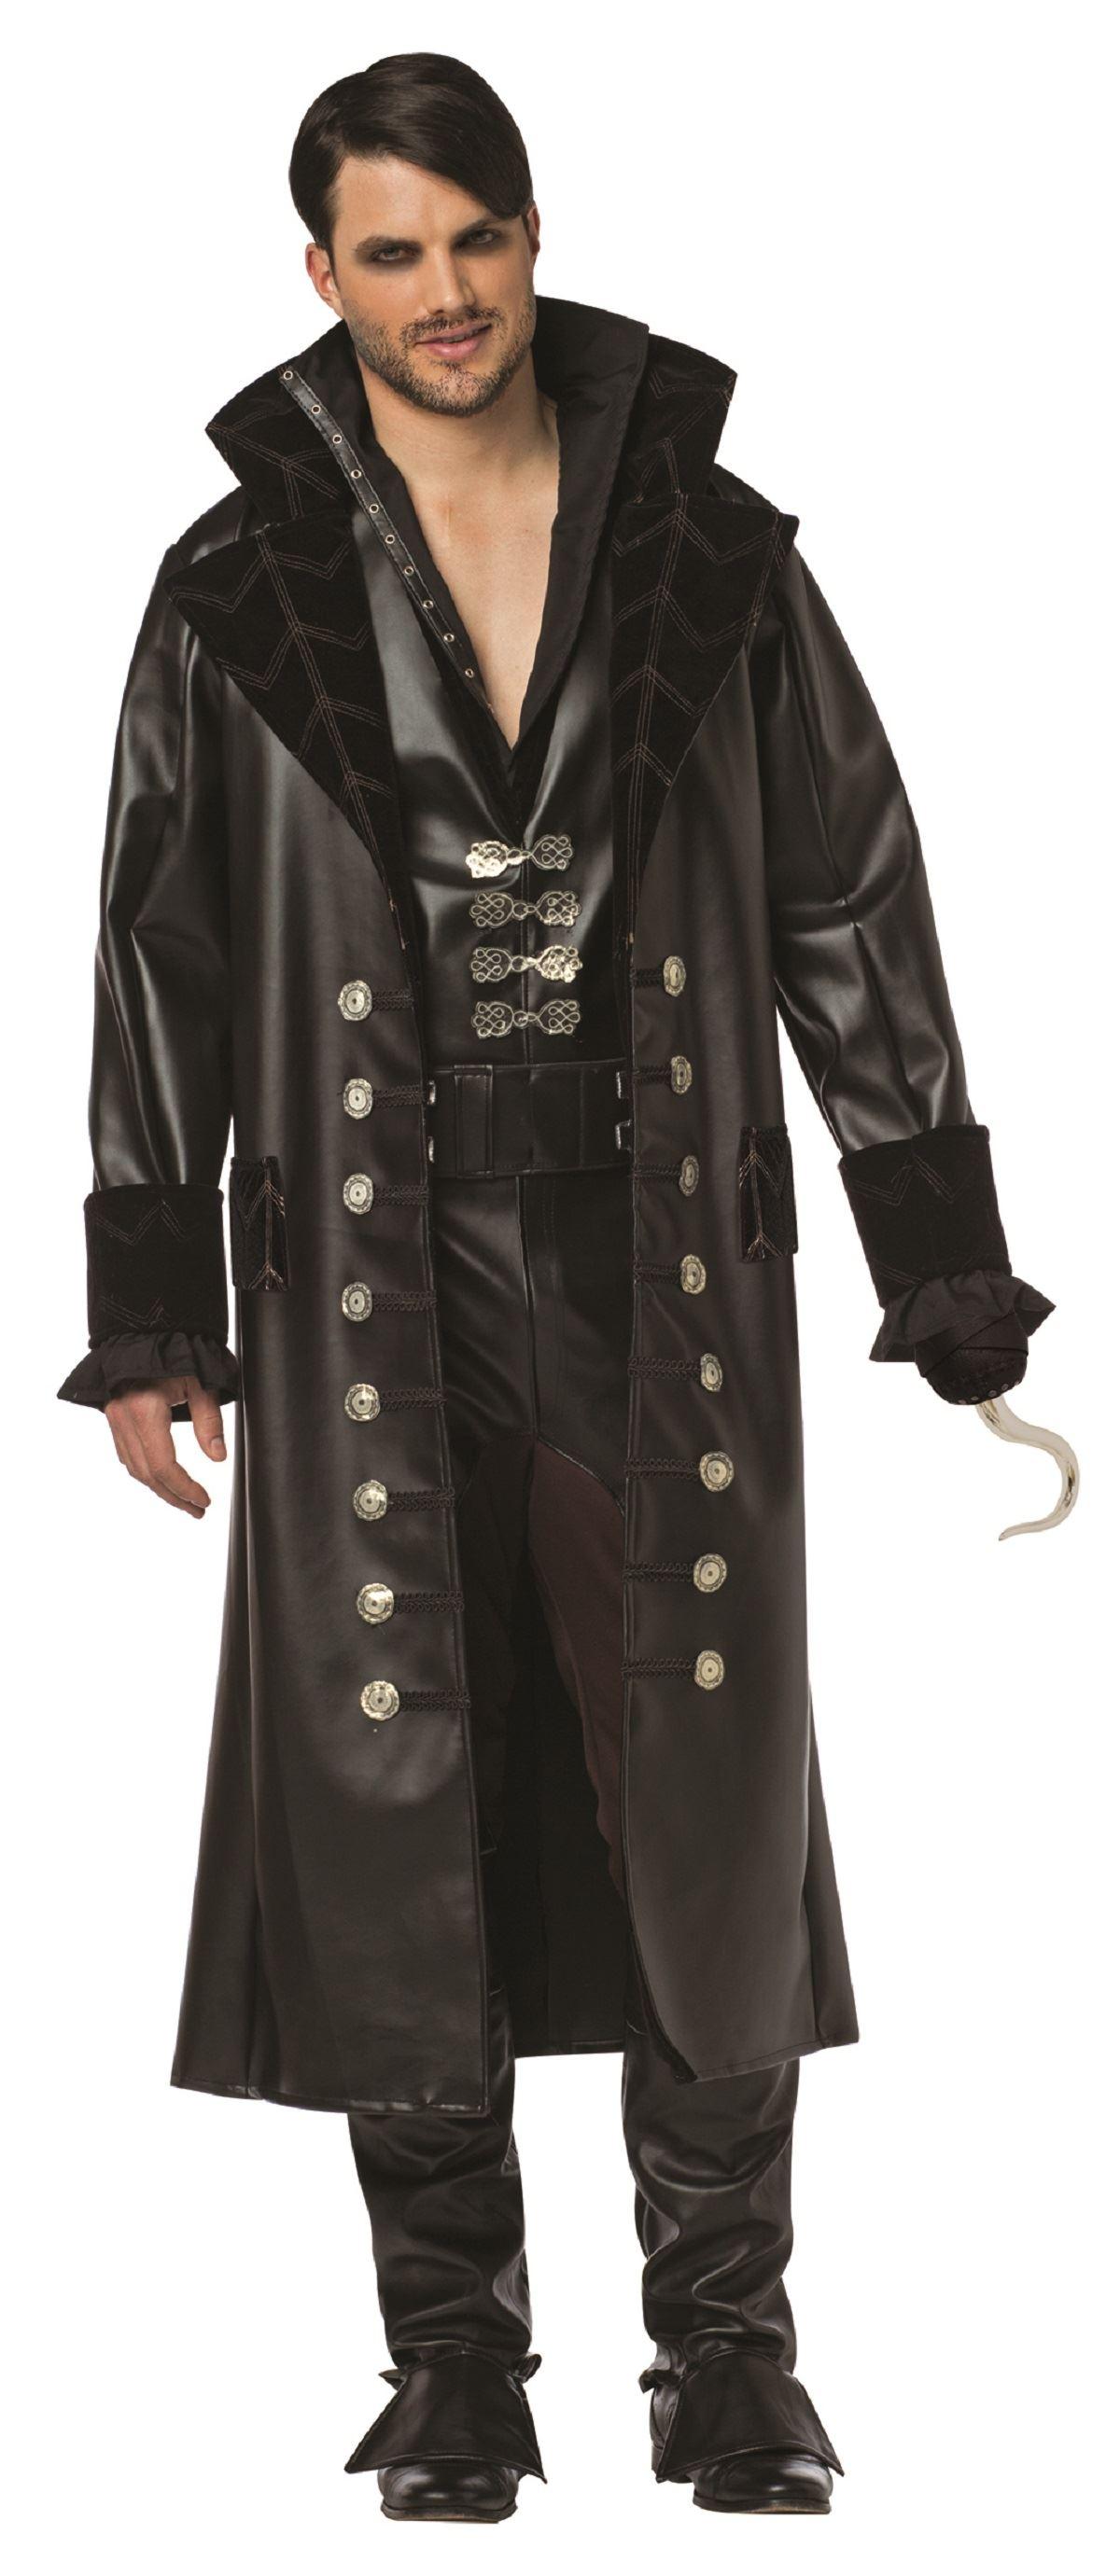 Mens Halloween Costumes Halloween Costumes | Buy Mens Halloween ...